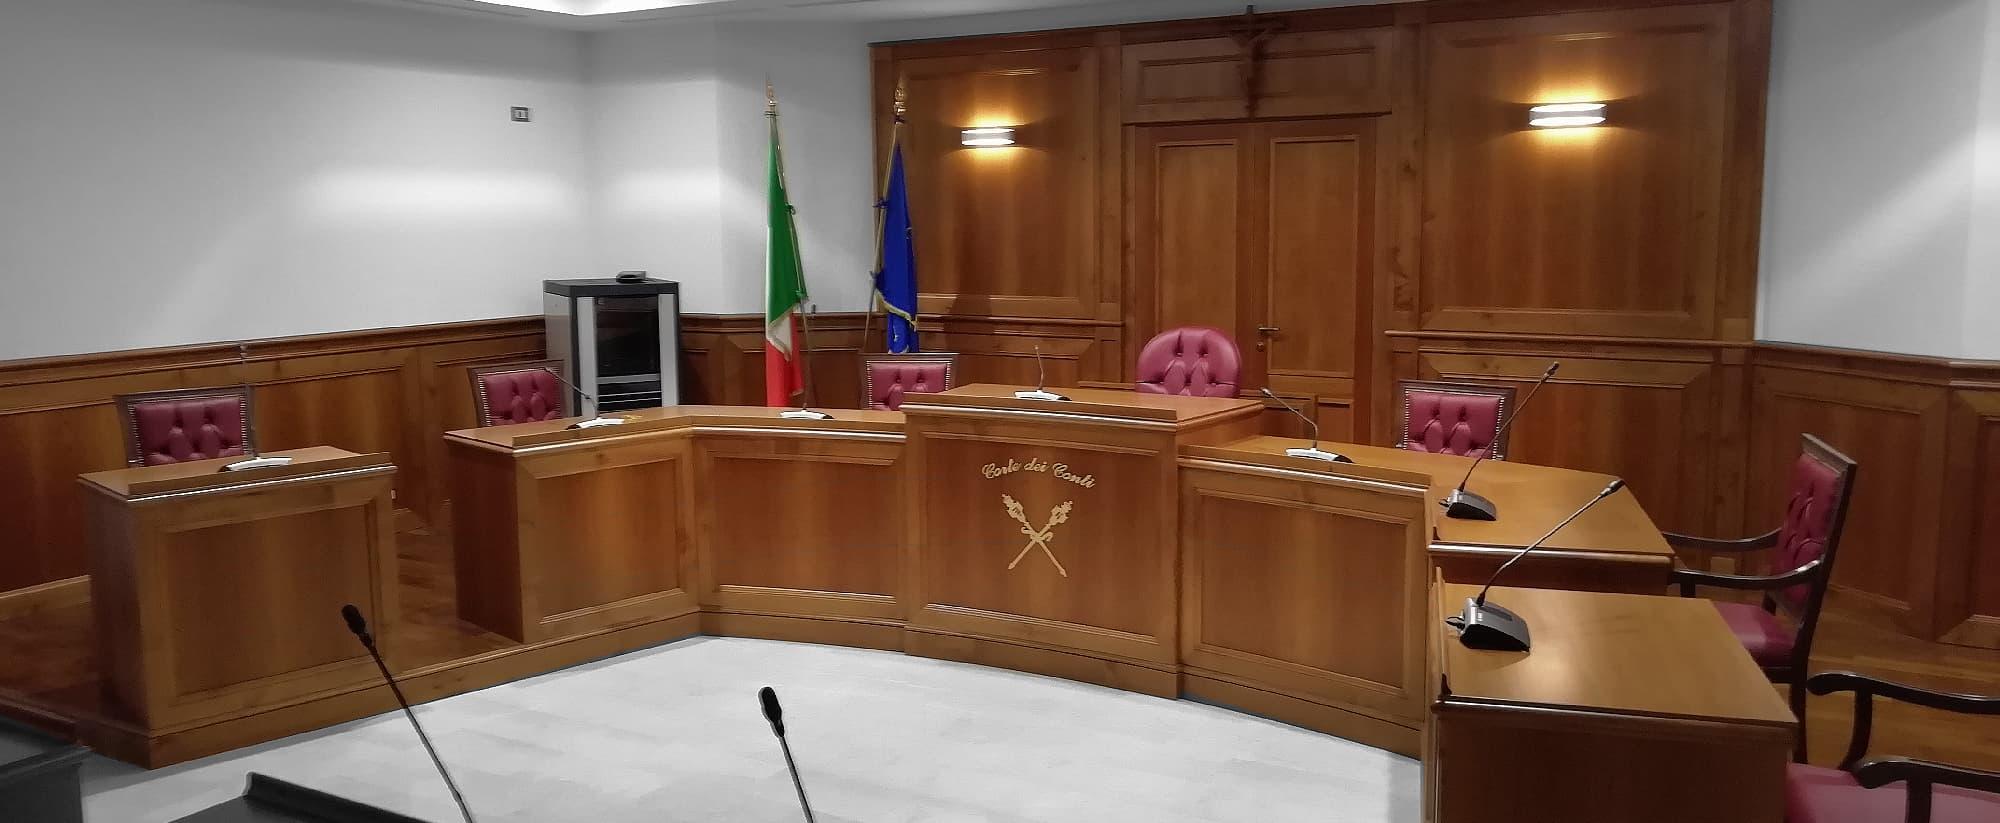 Ancora Articolo 54 – Anzianità inferiore ai 15 anni Cambia orientamento la I^ Sezione Corte dei Conti. Centrale in Appello